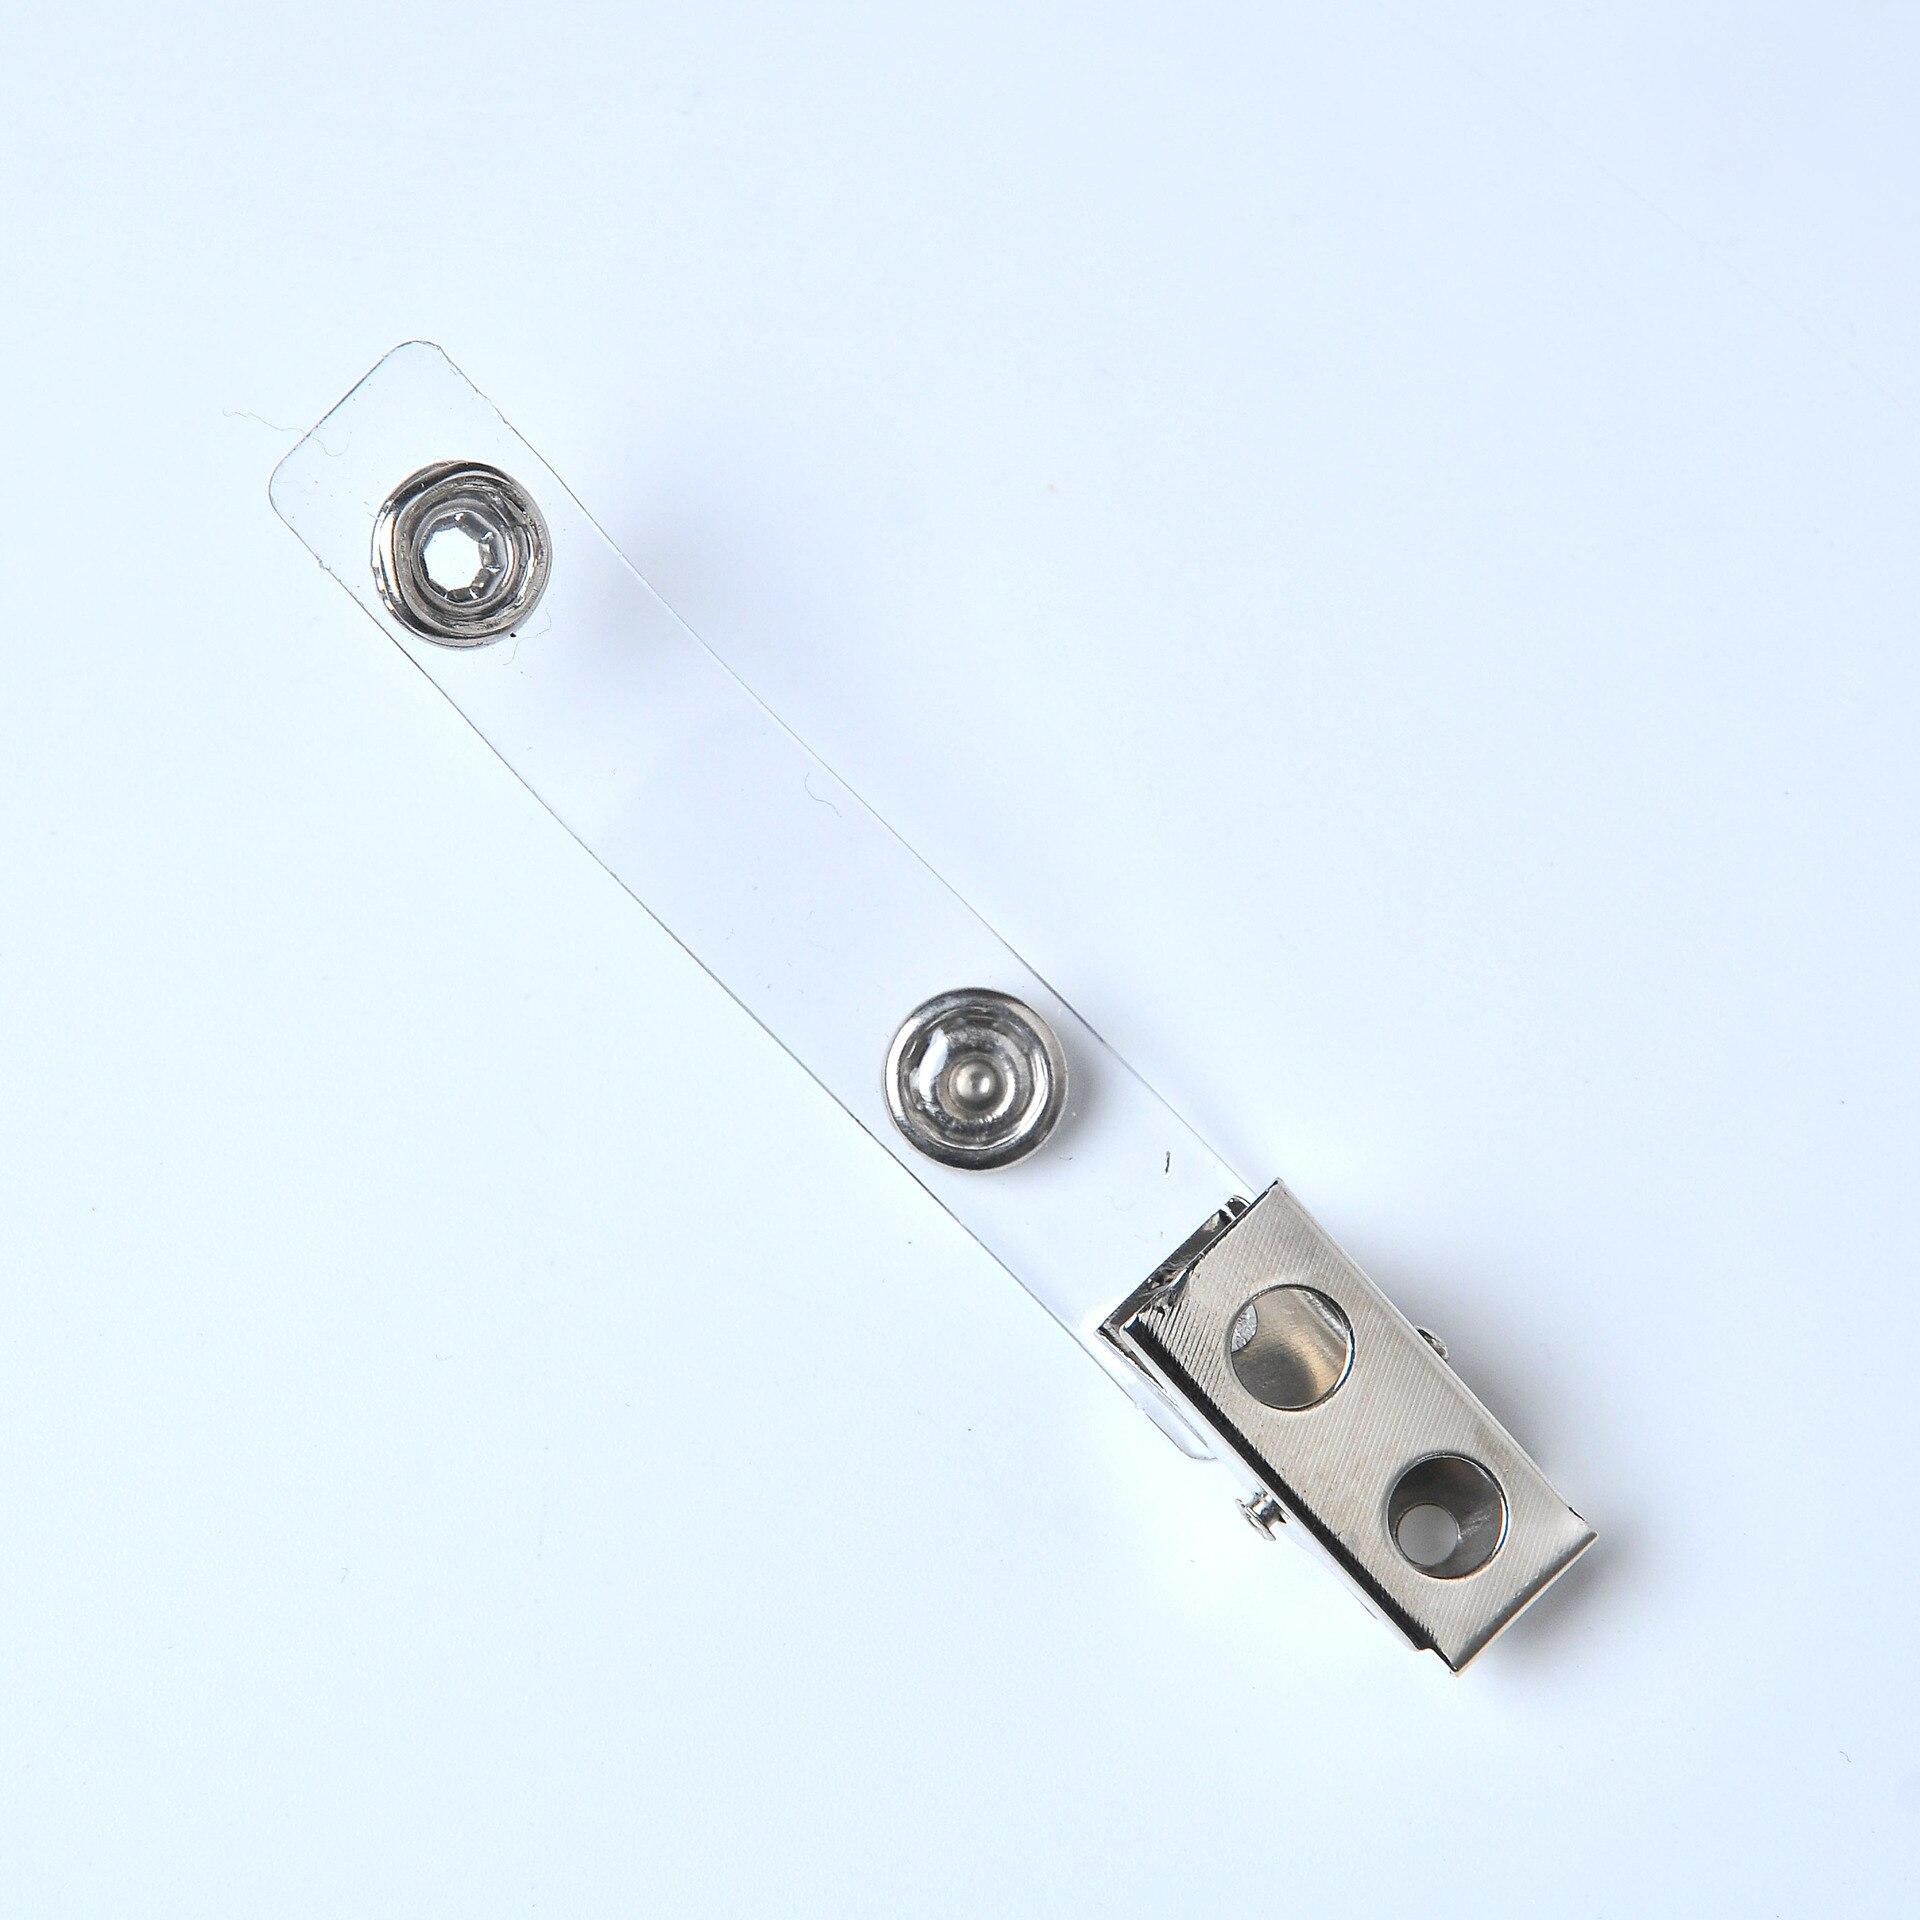 Одиночное Diplopore прозрачным ремешком с металлической застежкой, документ сумка со значком зажим для магазинов и супермаркетов 2-отверстие 4